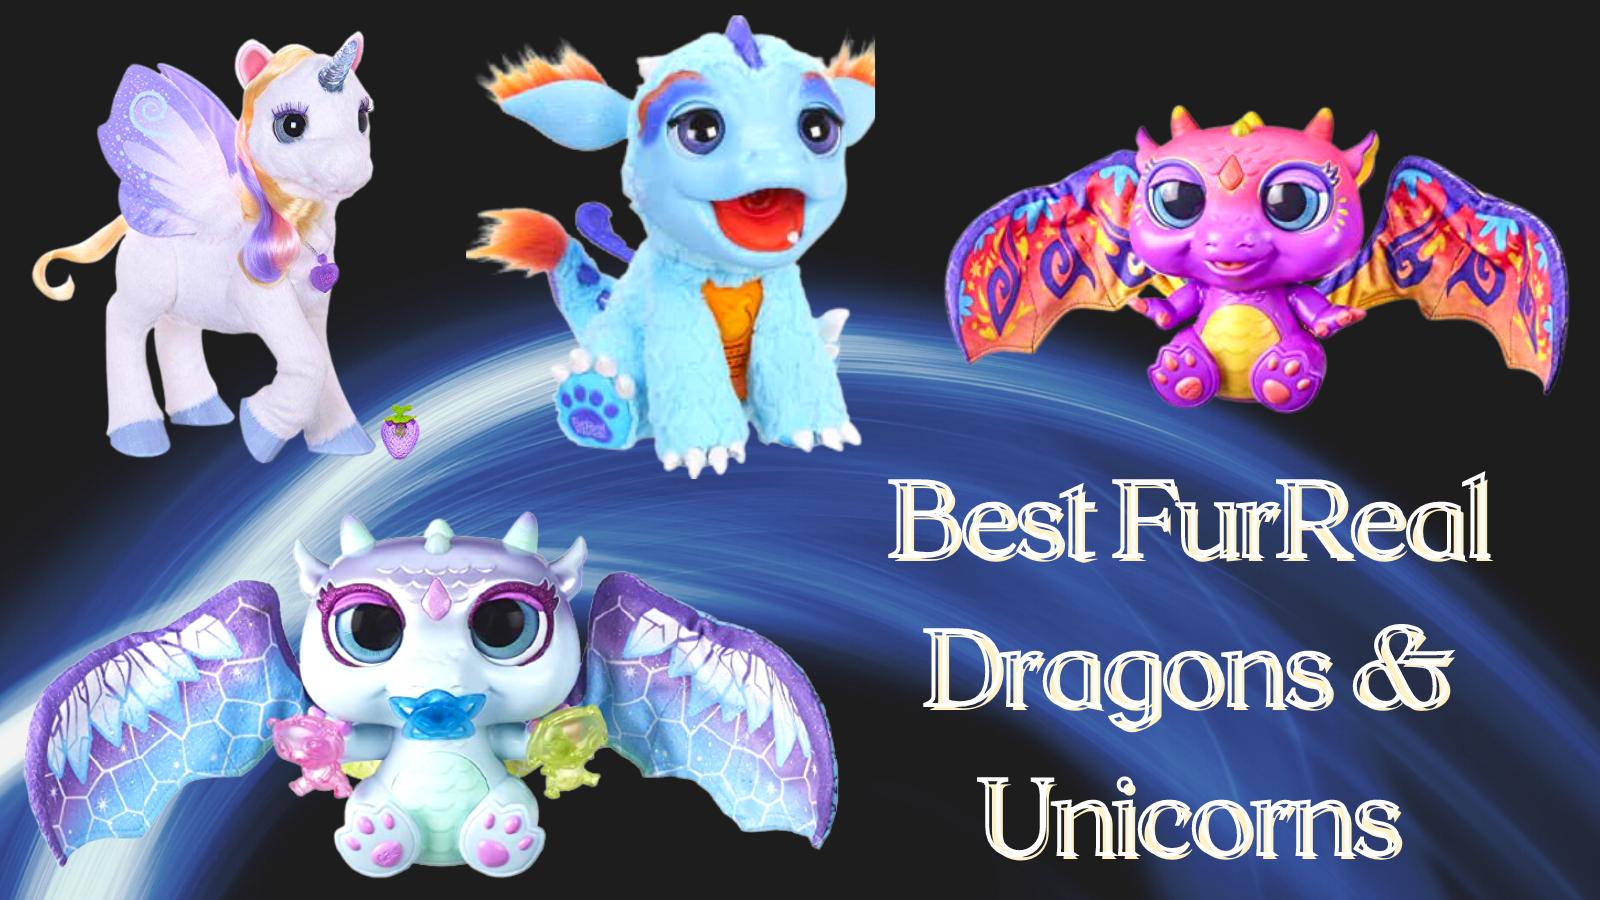 Best FurReal Dragons & Unicorns.